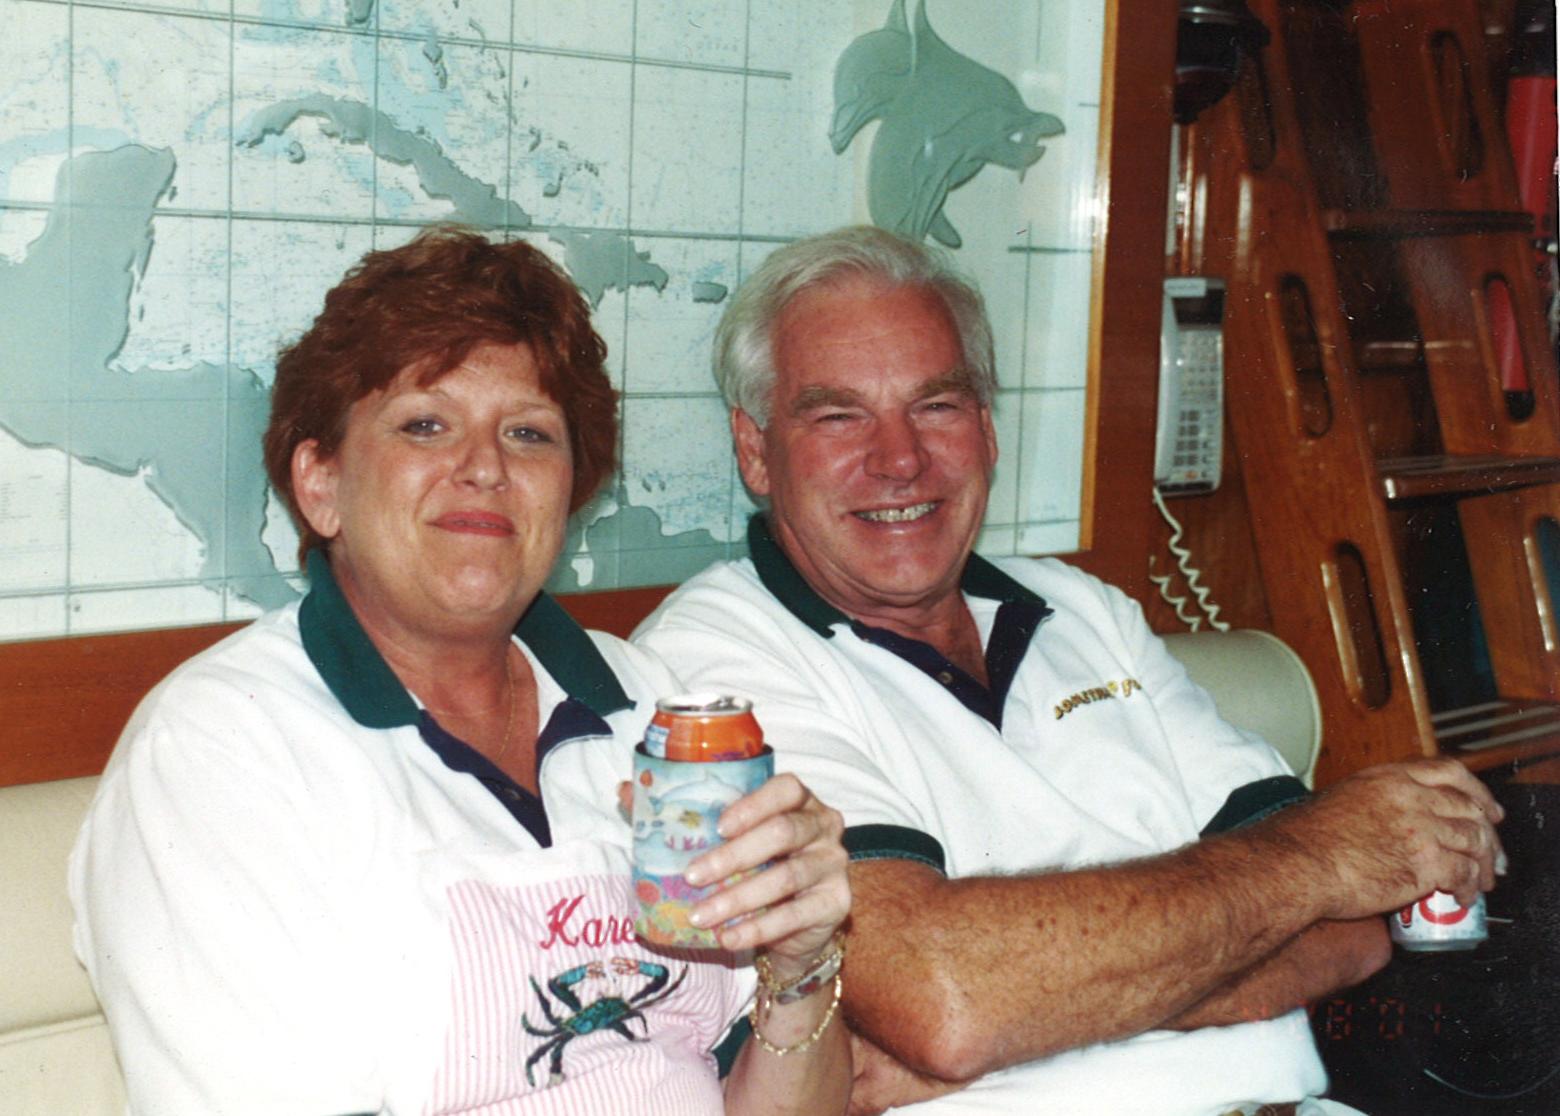 Captain Richard Betts with Karen Jan. PHOTO PROVIDED